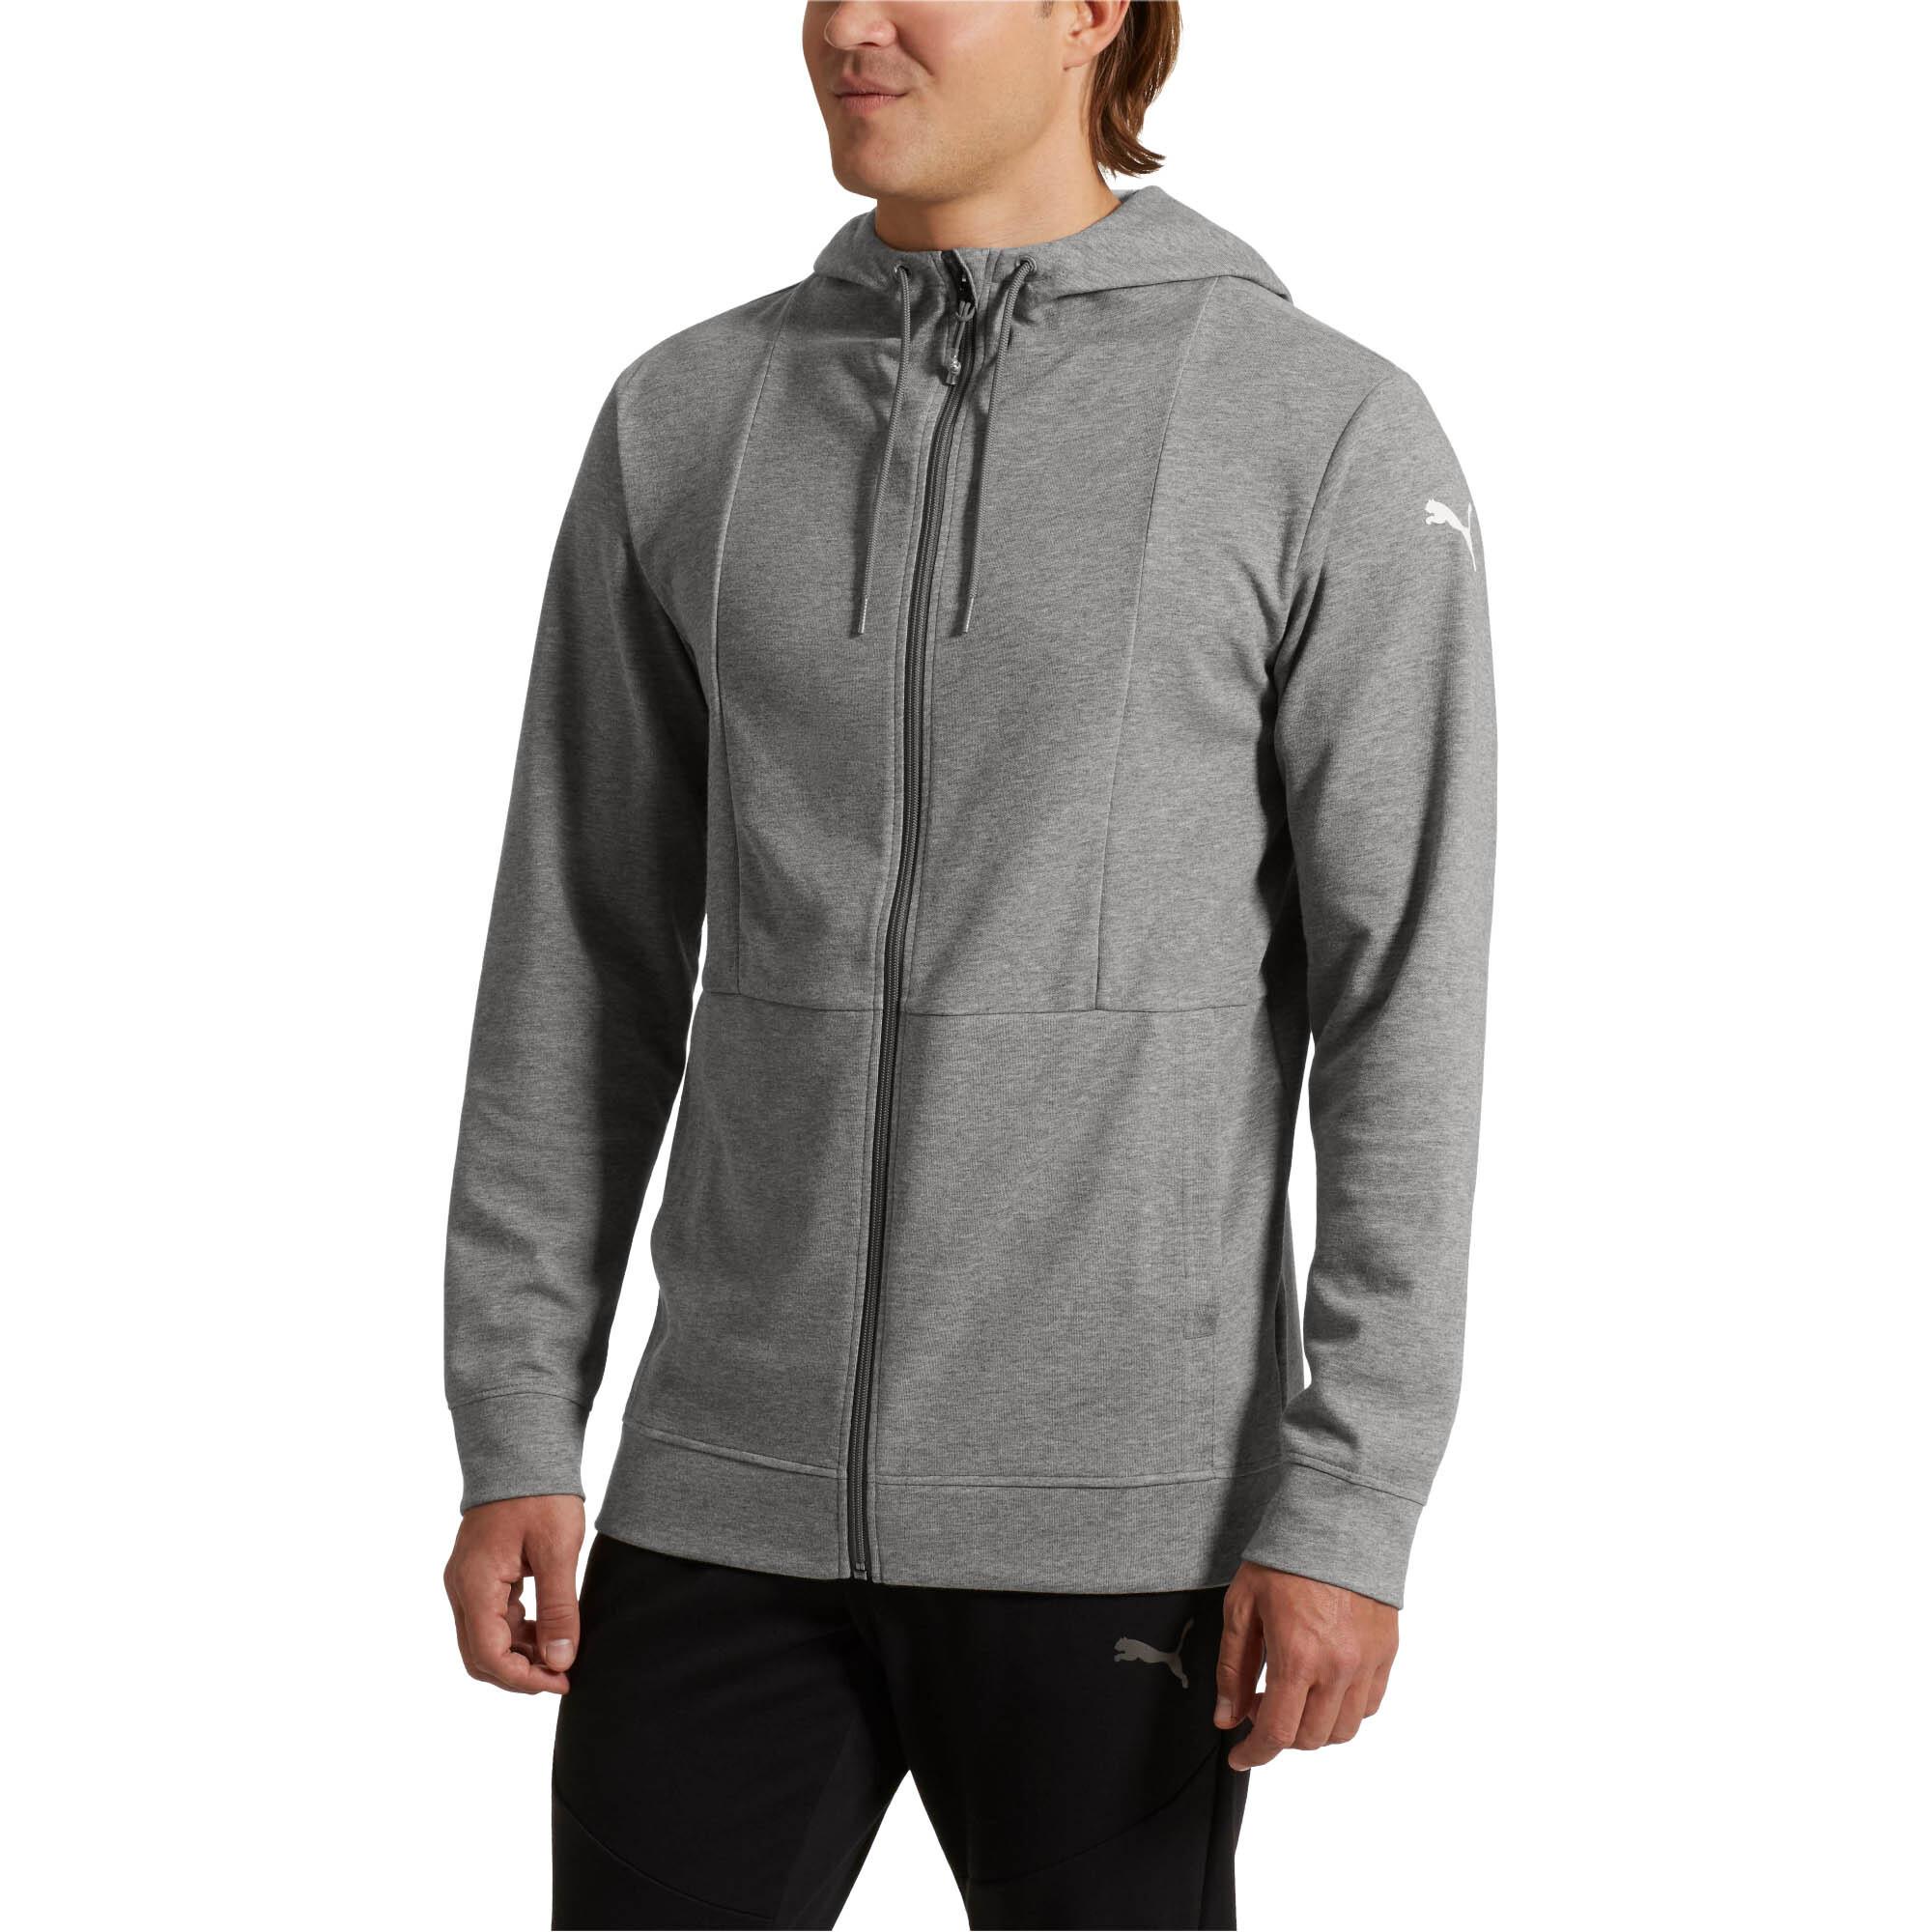 Image Puma Energy Men's Jacket #1